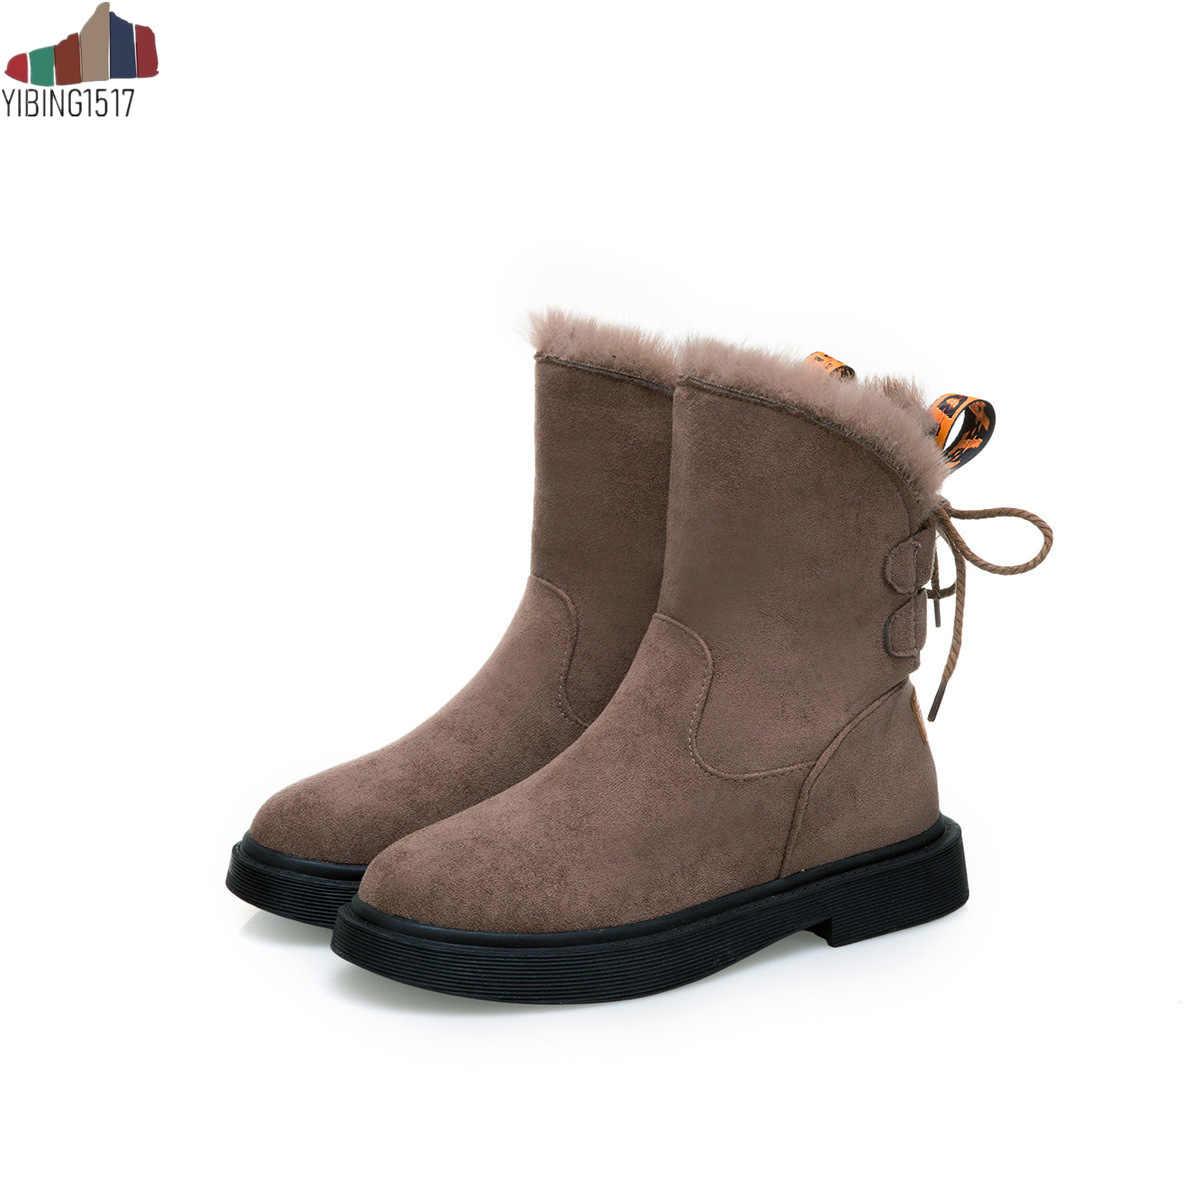 Kadın Çizmeler Orta Buzağı Botlar Yüksek Bota Su Geçirmez Bayanlar Kar Kış Ayakkabı Kadın Peluş Astarı Bota Feminina 2019